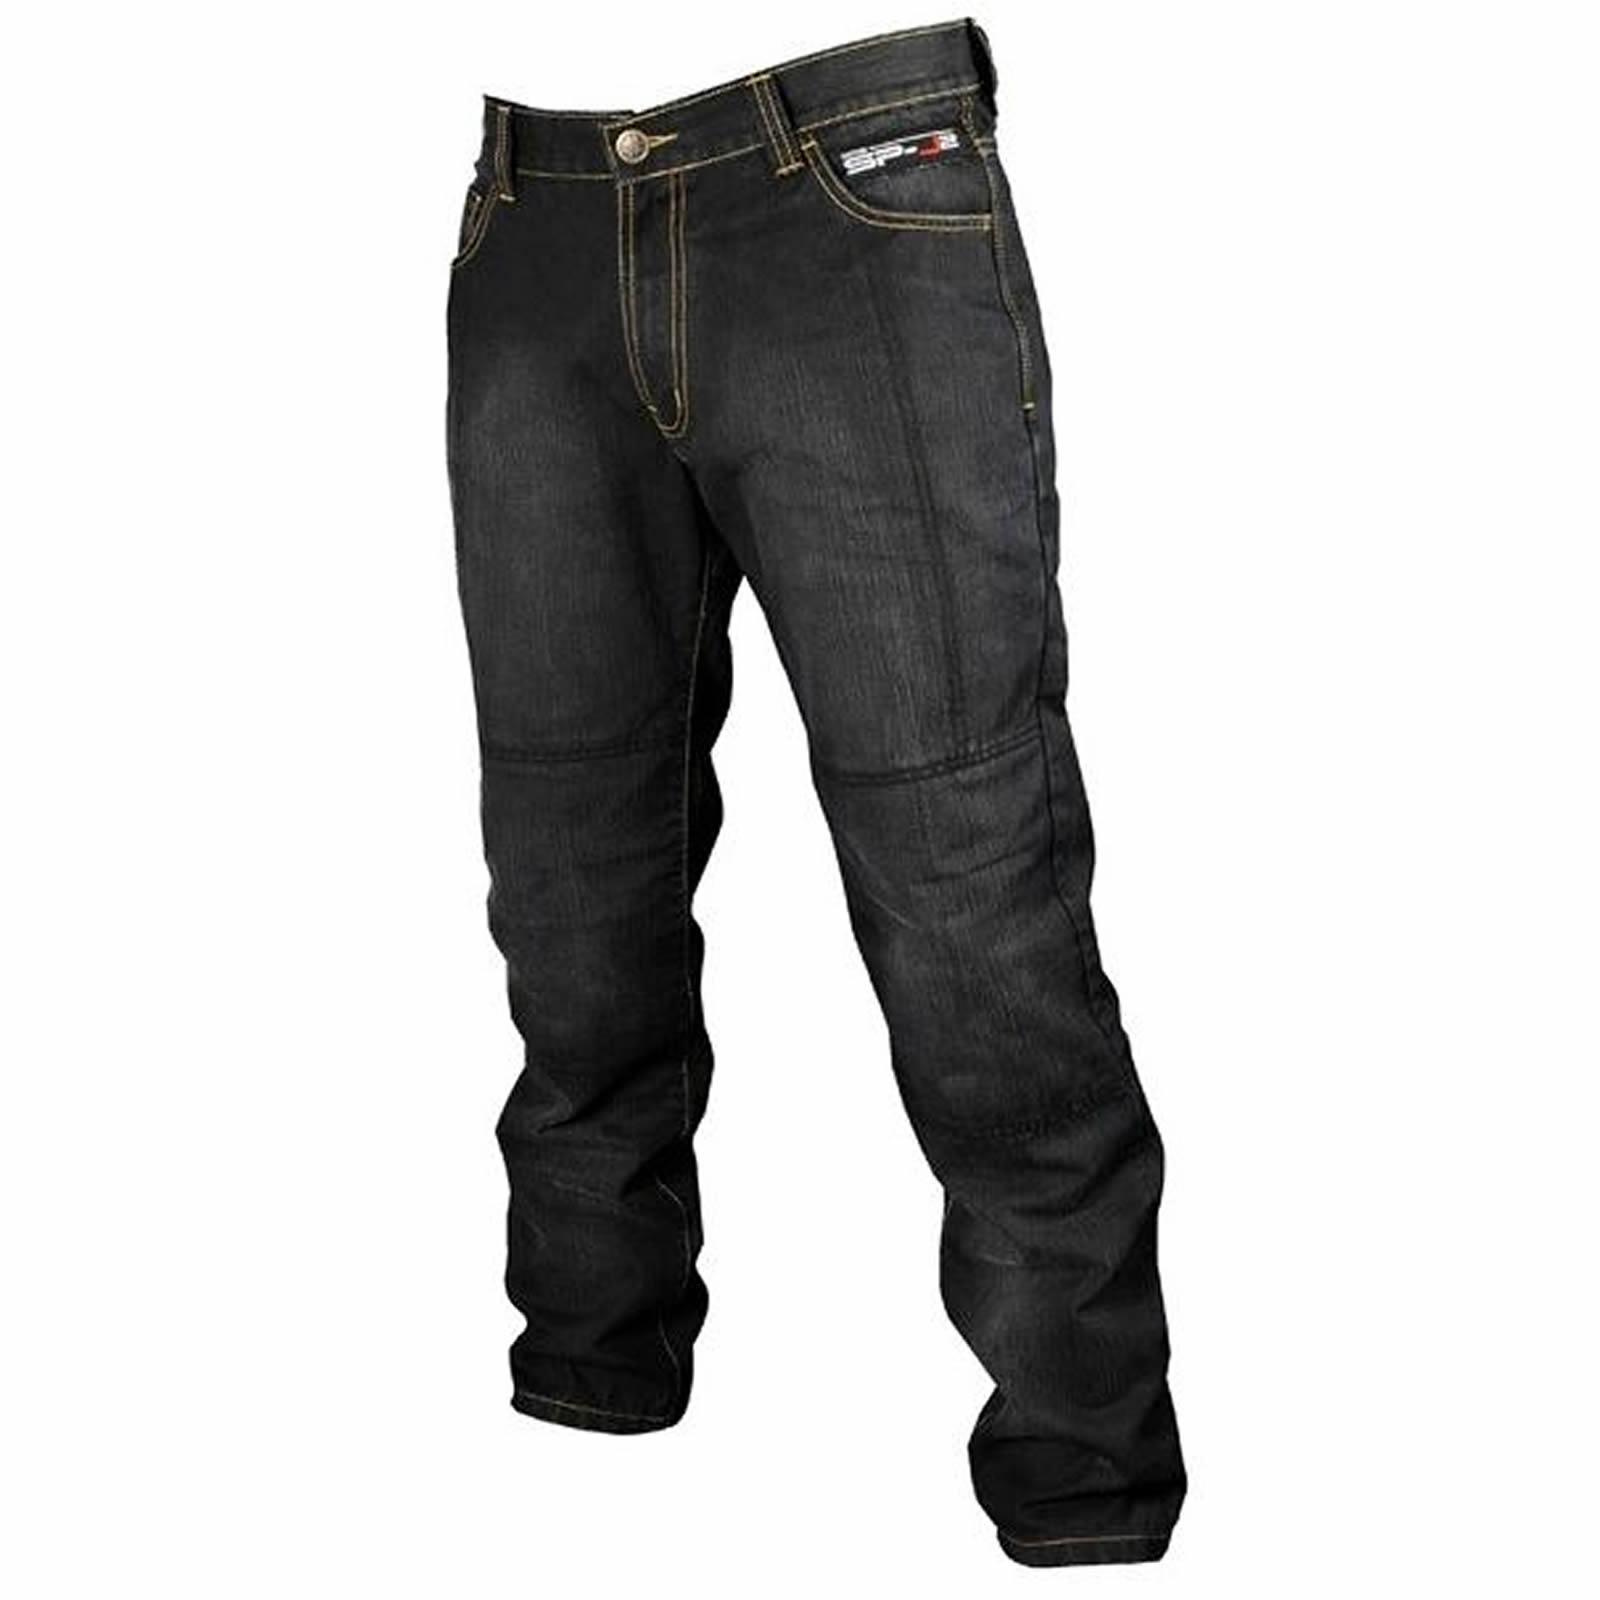 oxford reinforced sp j2 denim casual kevlar motorcycle armoured bike jeans pants ebay. Black Bedroom Furniture Sets. Home Design Ideas